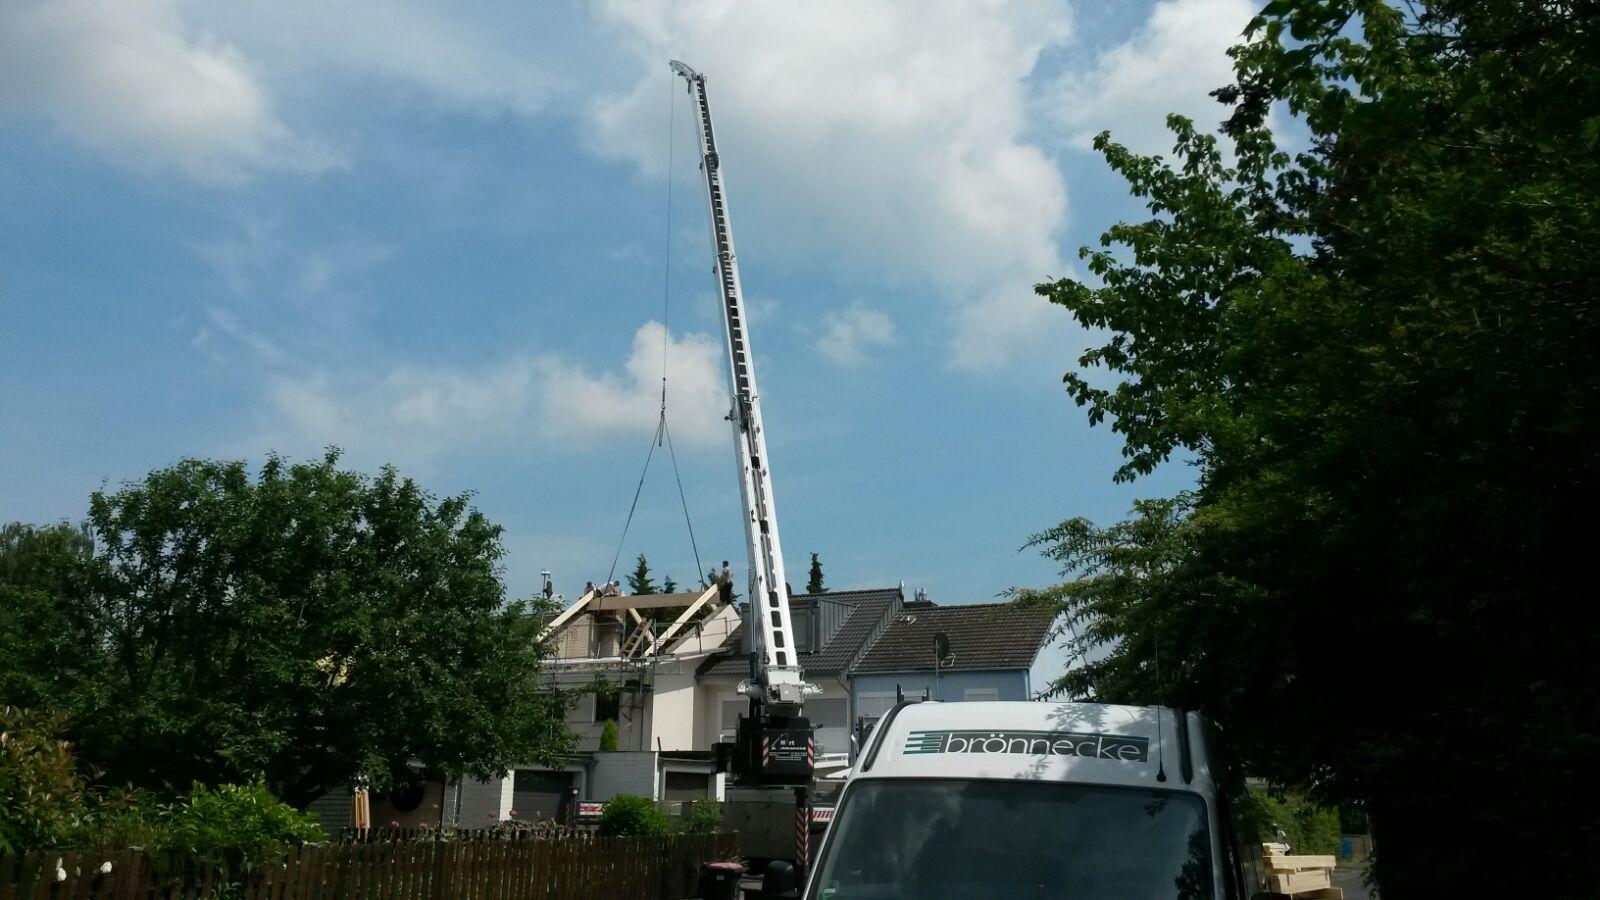 Der Kran hebt die Firstpfette auf das Dach.